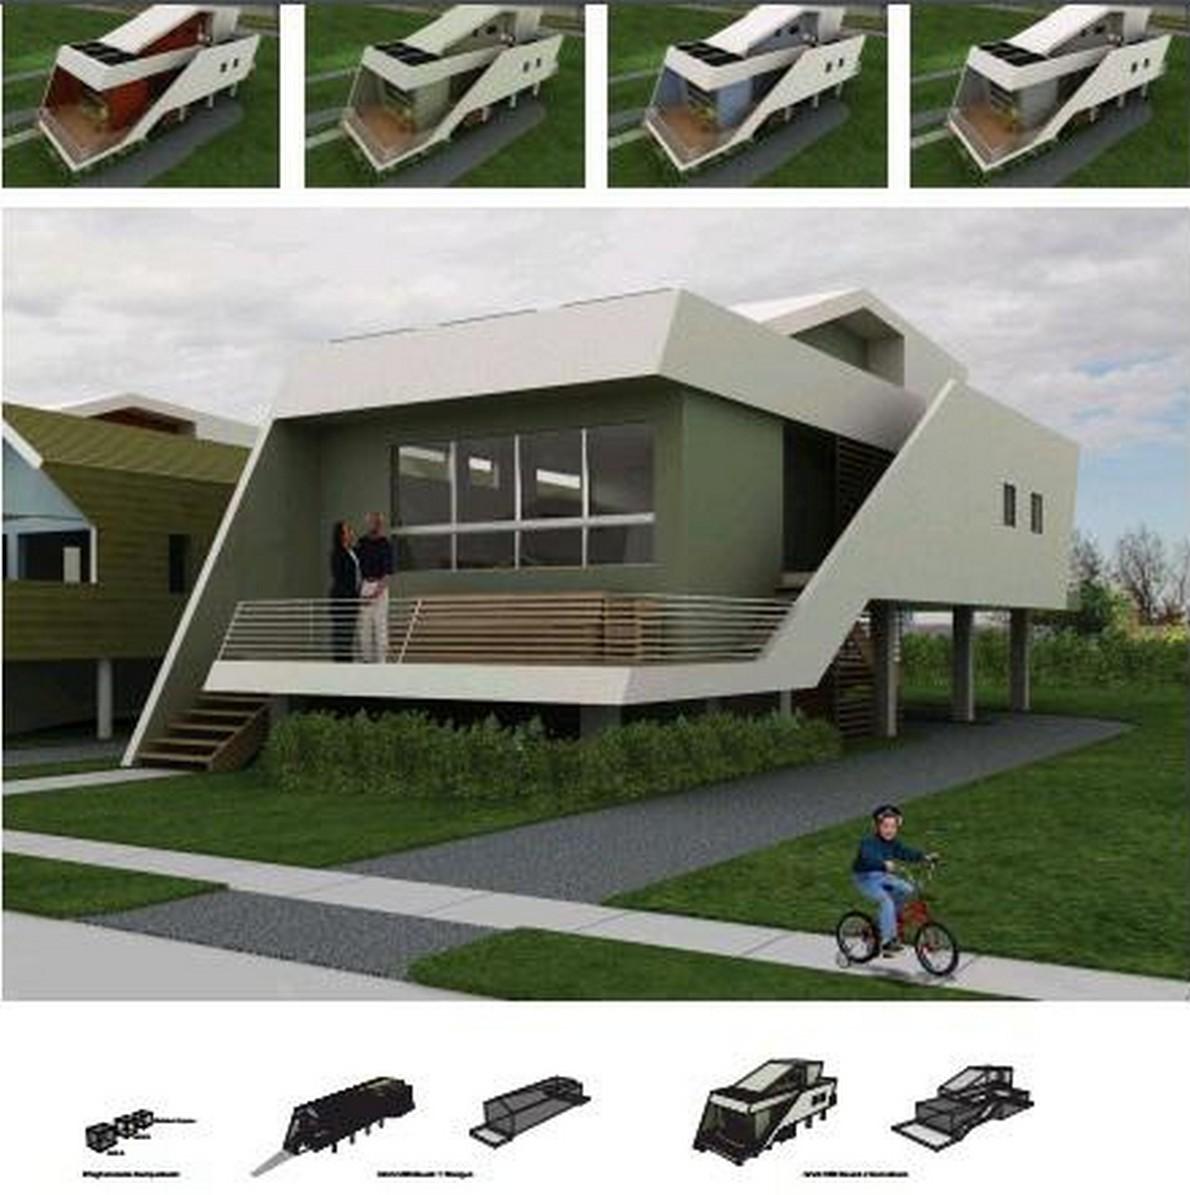 105 modelli di case da costruire come si costruisce il